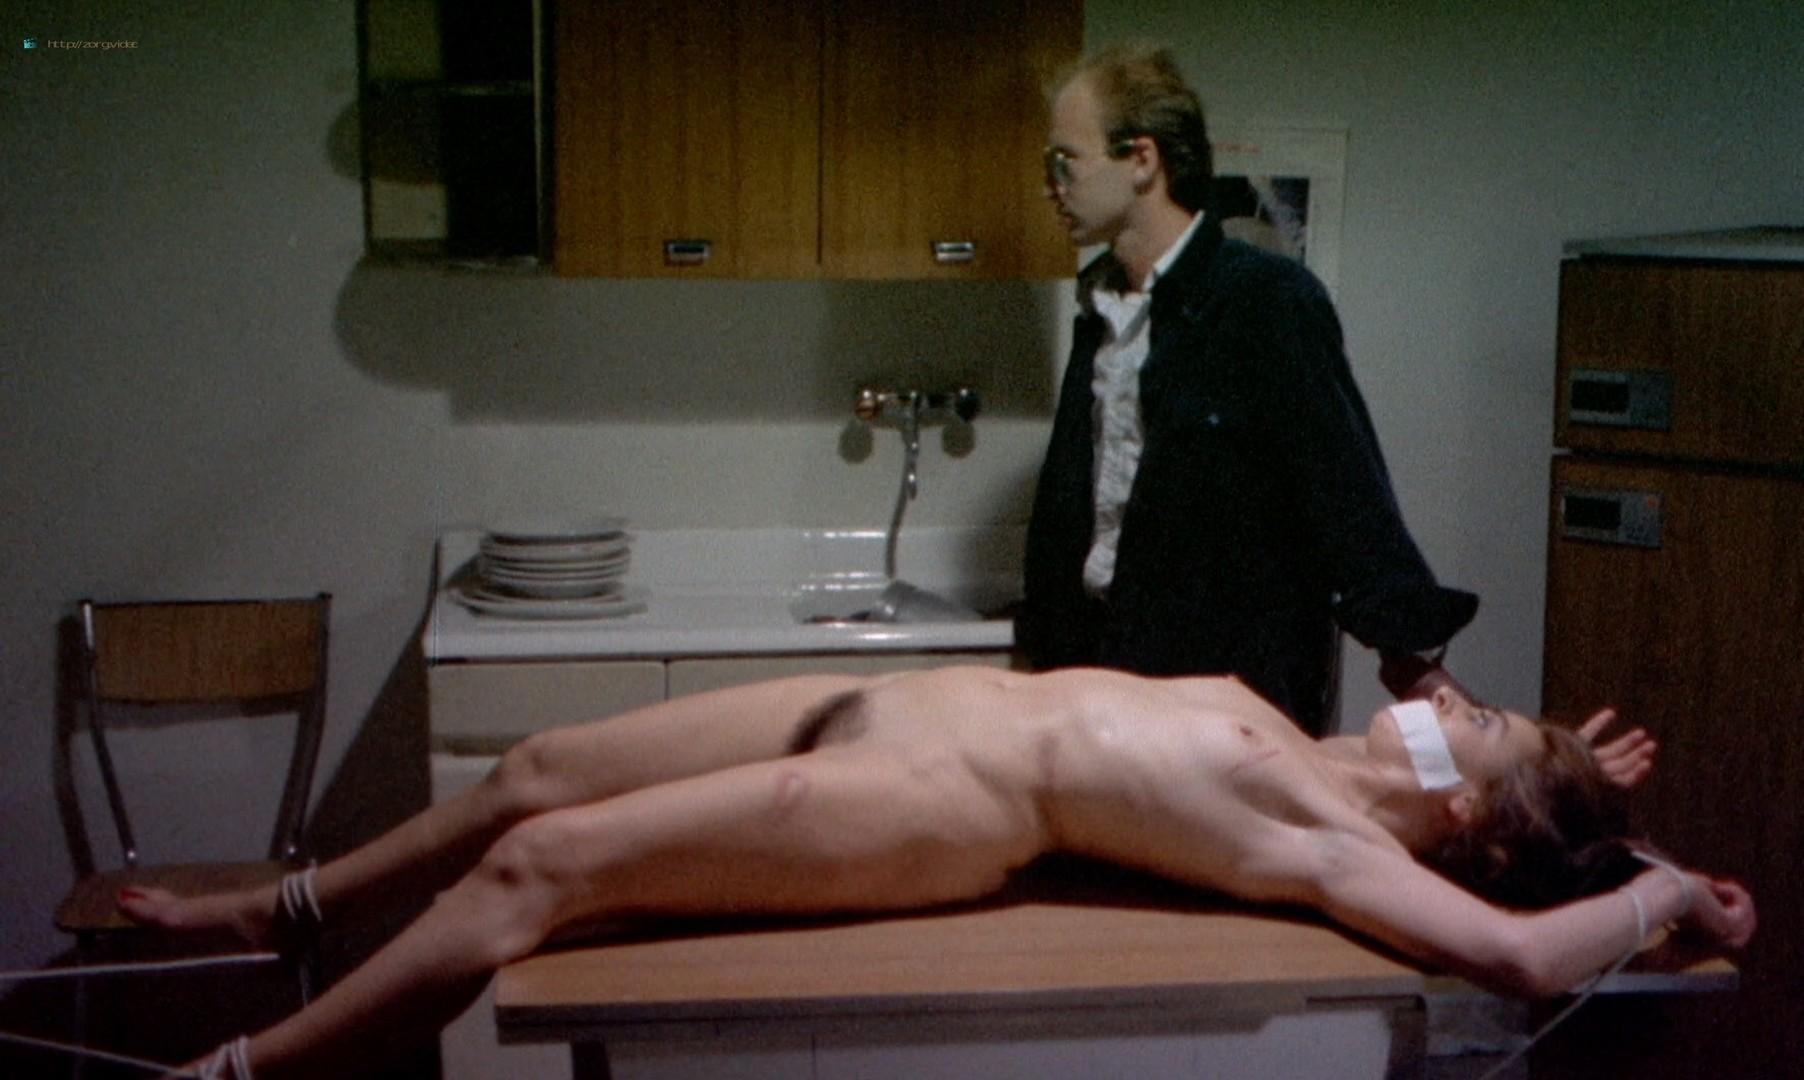 Leonora Fani nude full frontal Mariangela Giordano bush and hot sex - Giallo a venezia (1979) HD 1080p BluRay REMUX (4)